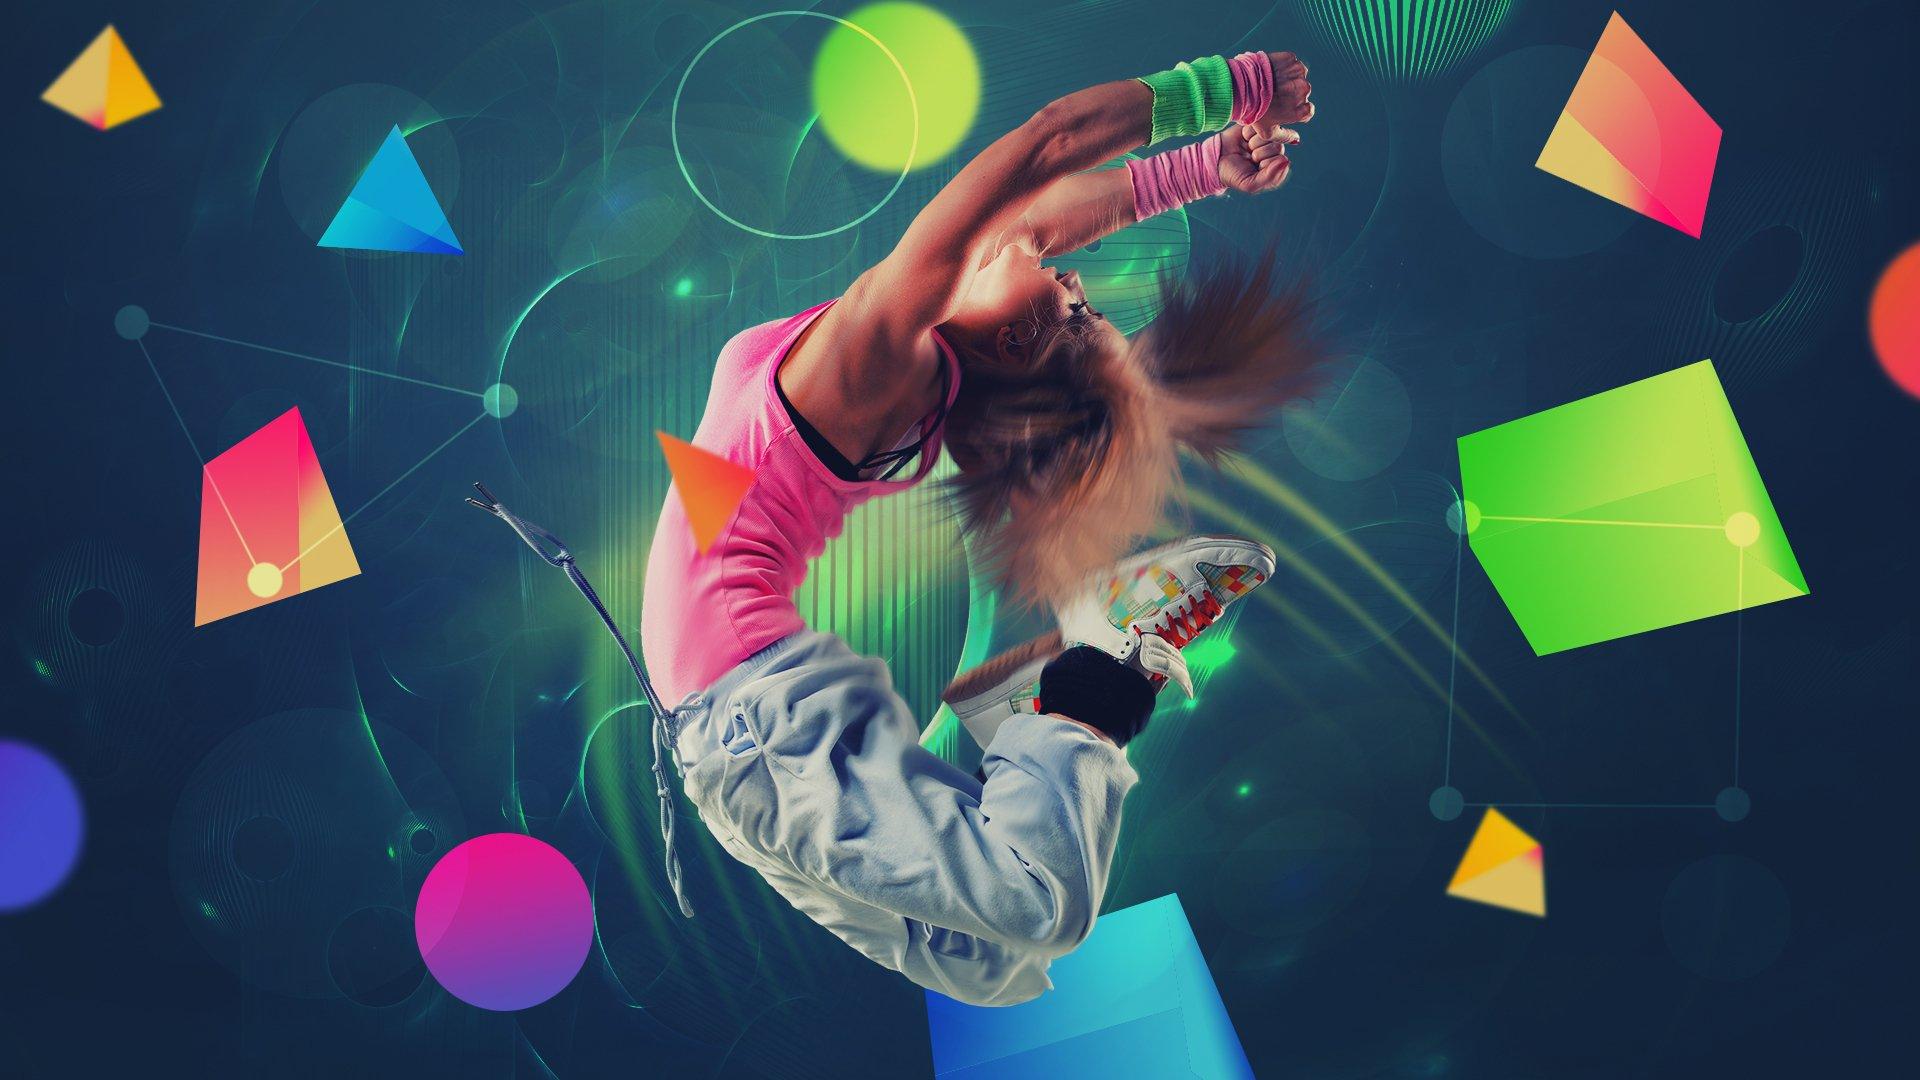 Dancing Girl Wallpaper